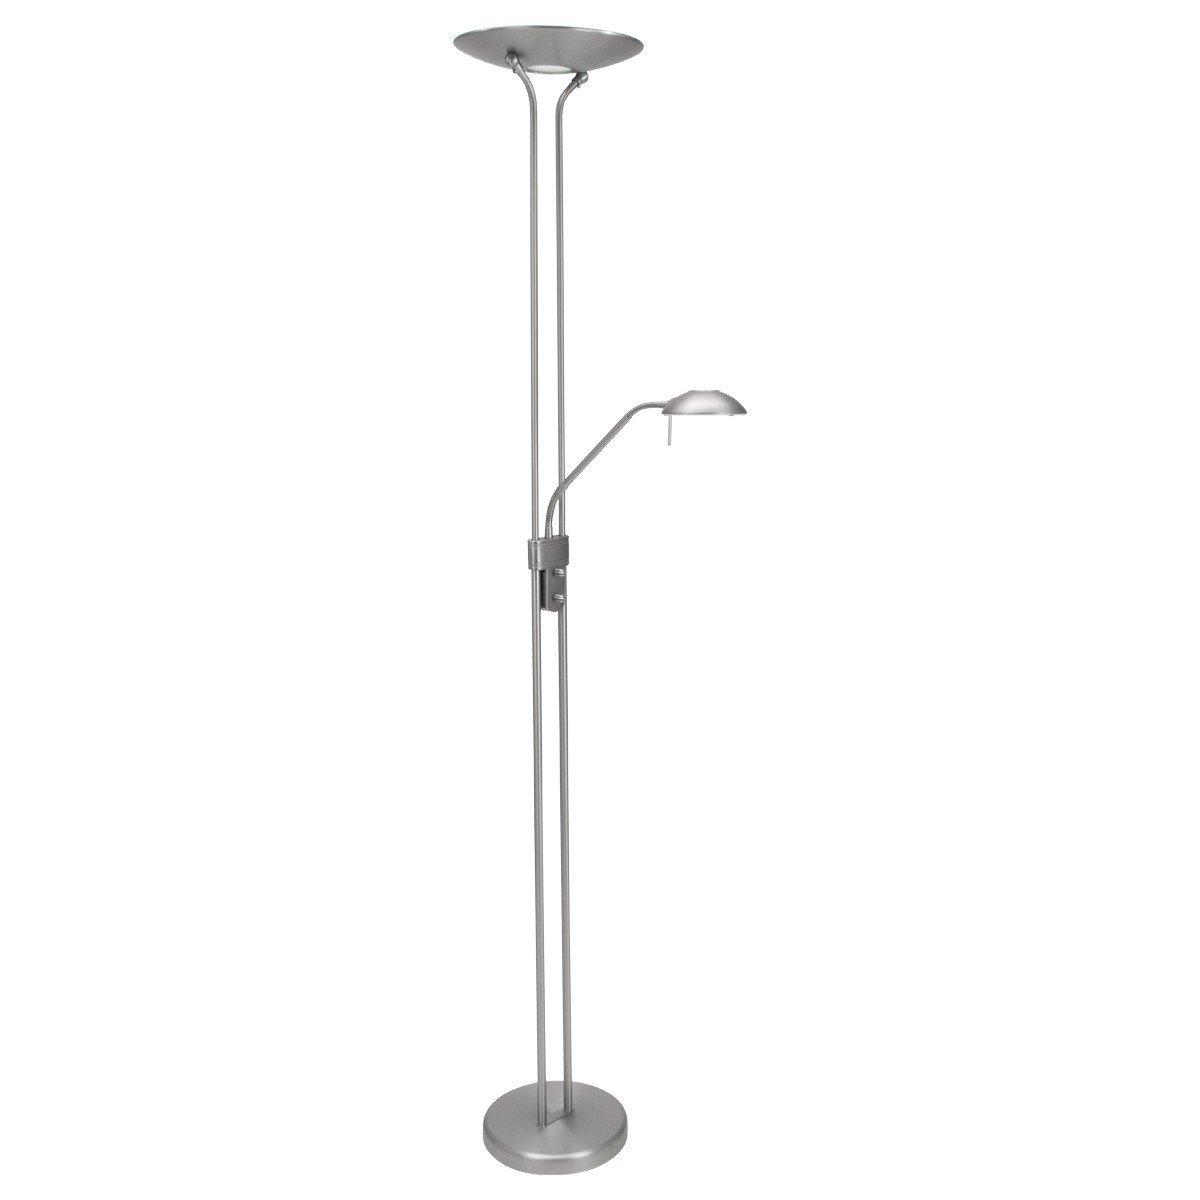 Vloerlamp Steinhauer 7500ST